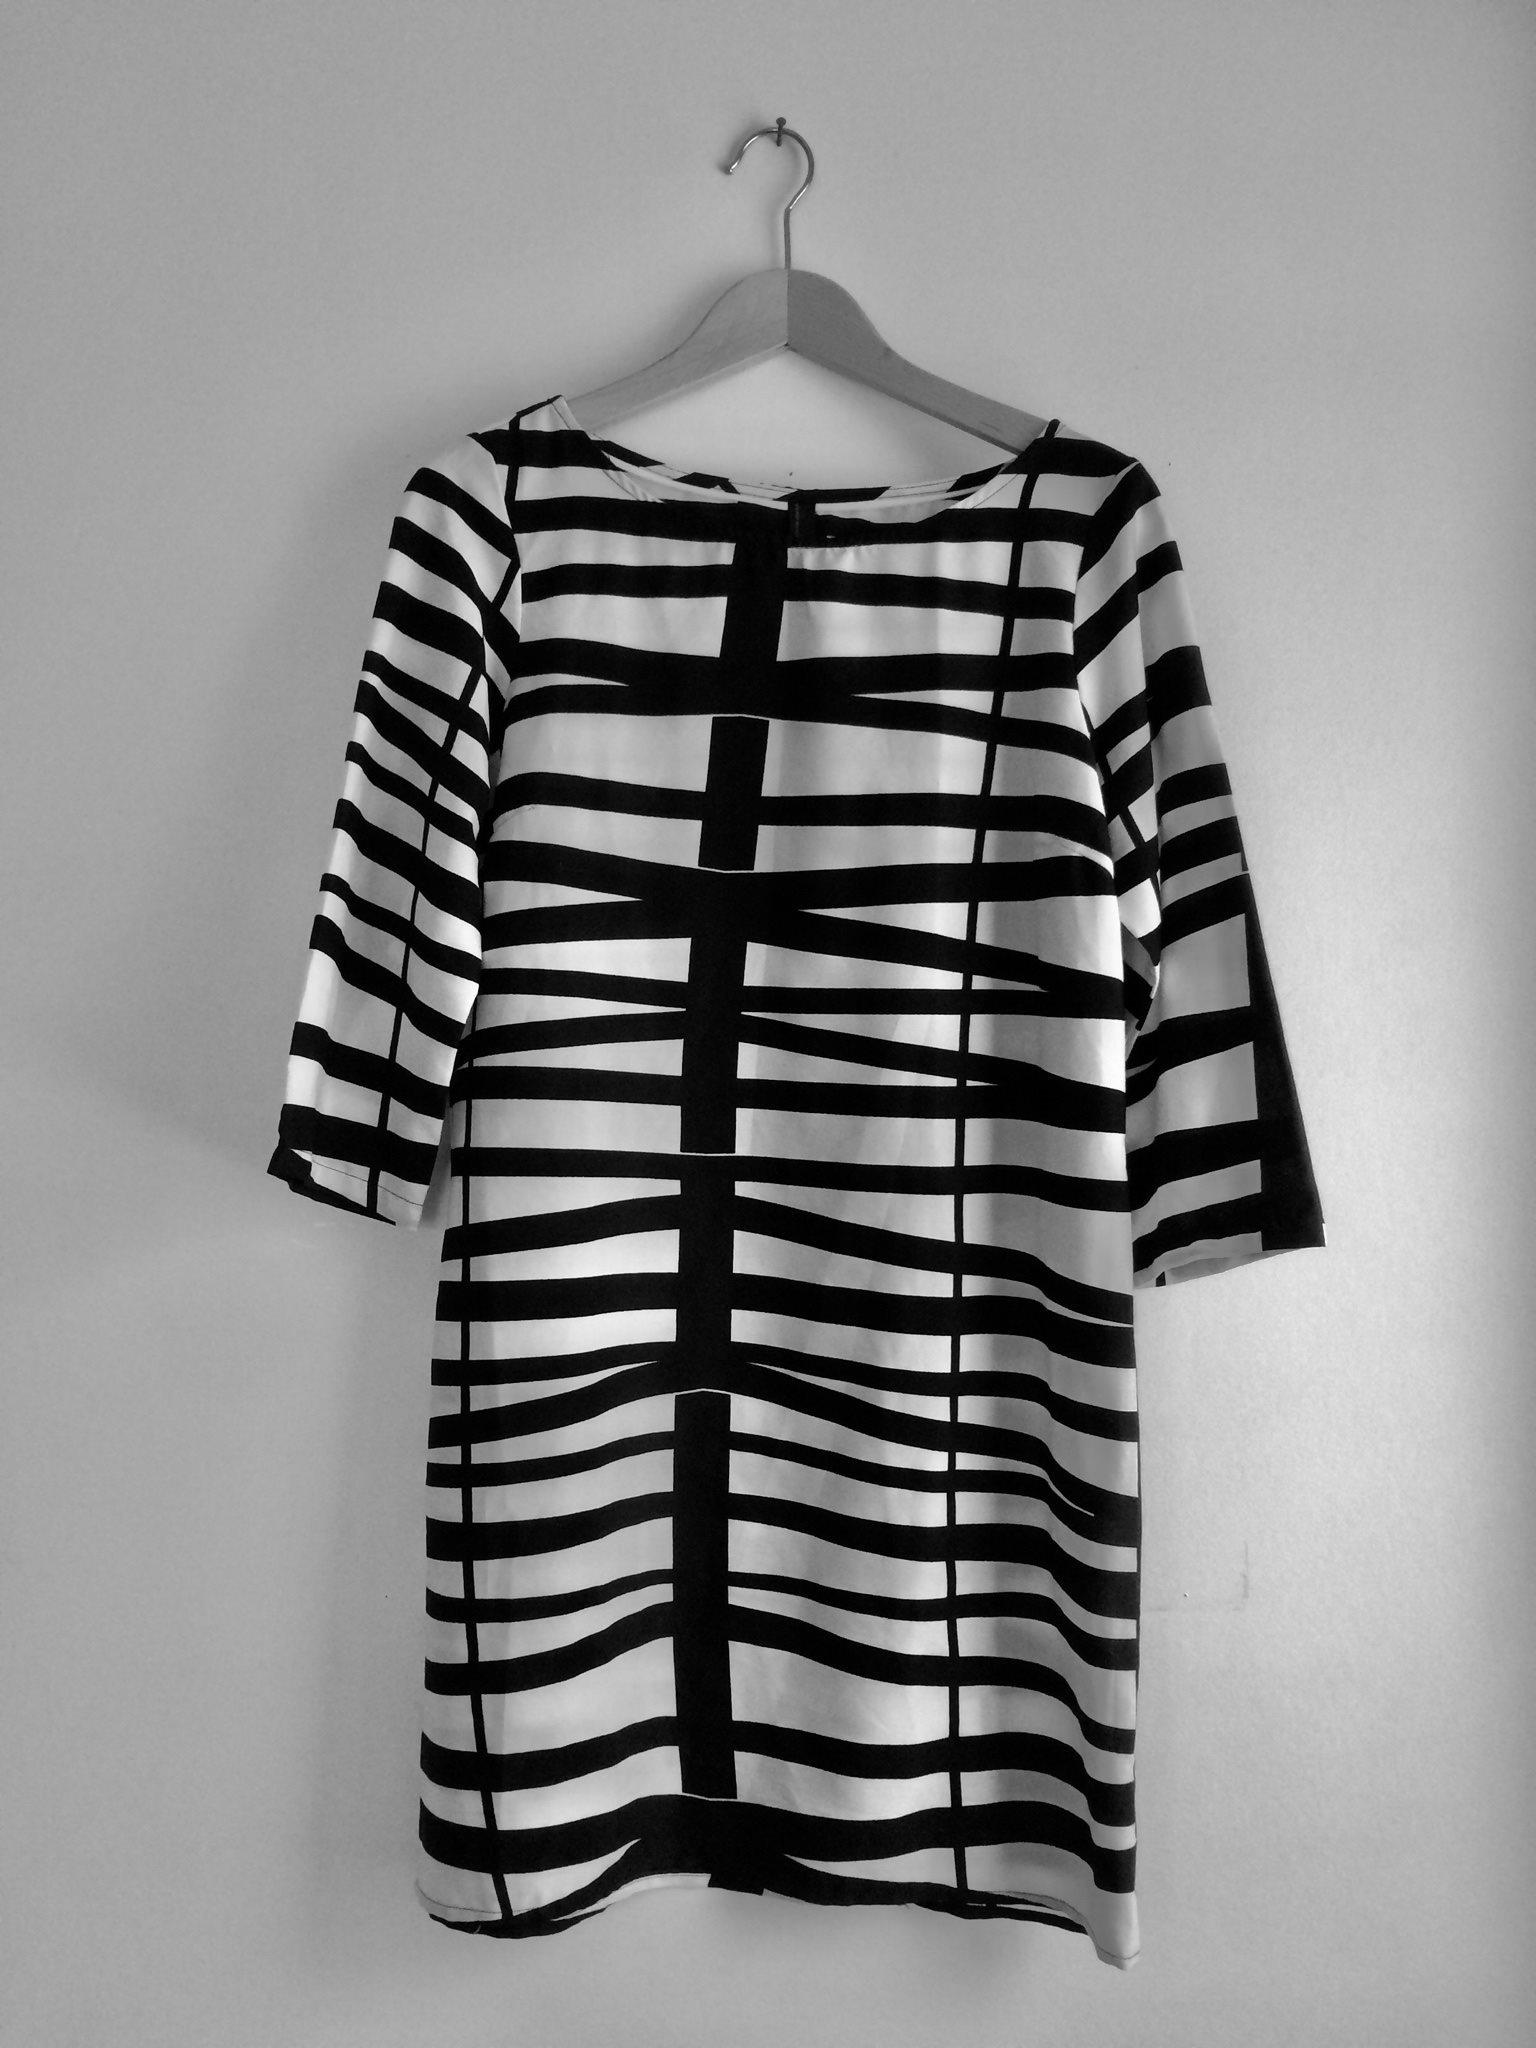 c32bade63ab2 Snygg mönstrad klänning S Vero Moda (337357473) ᐈ Köp på Tradera